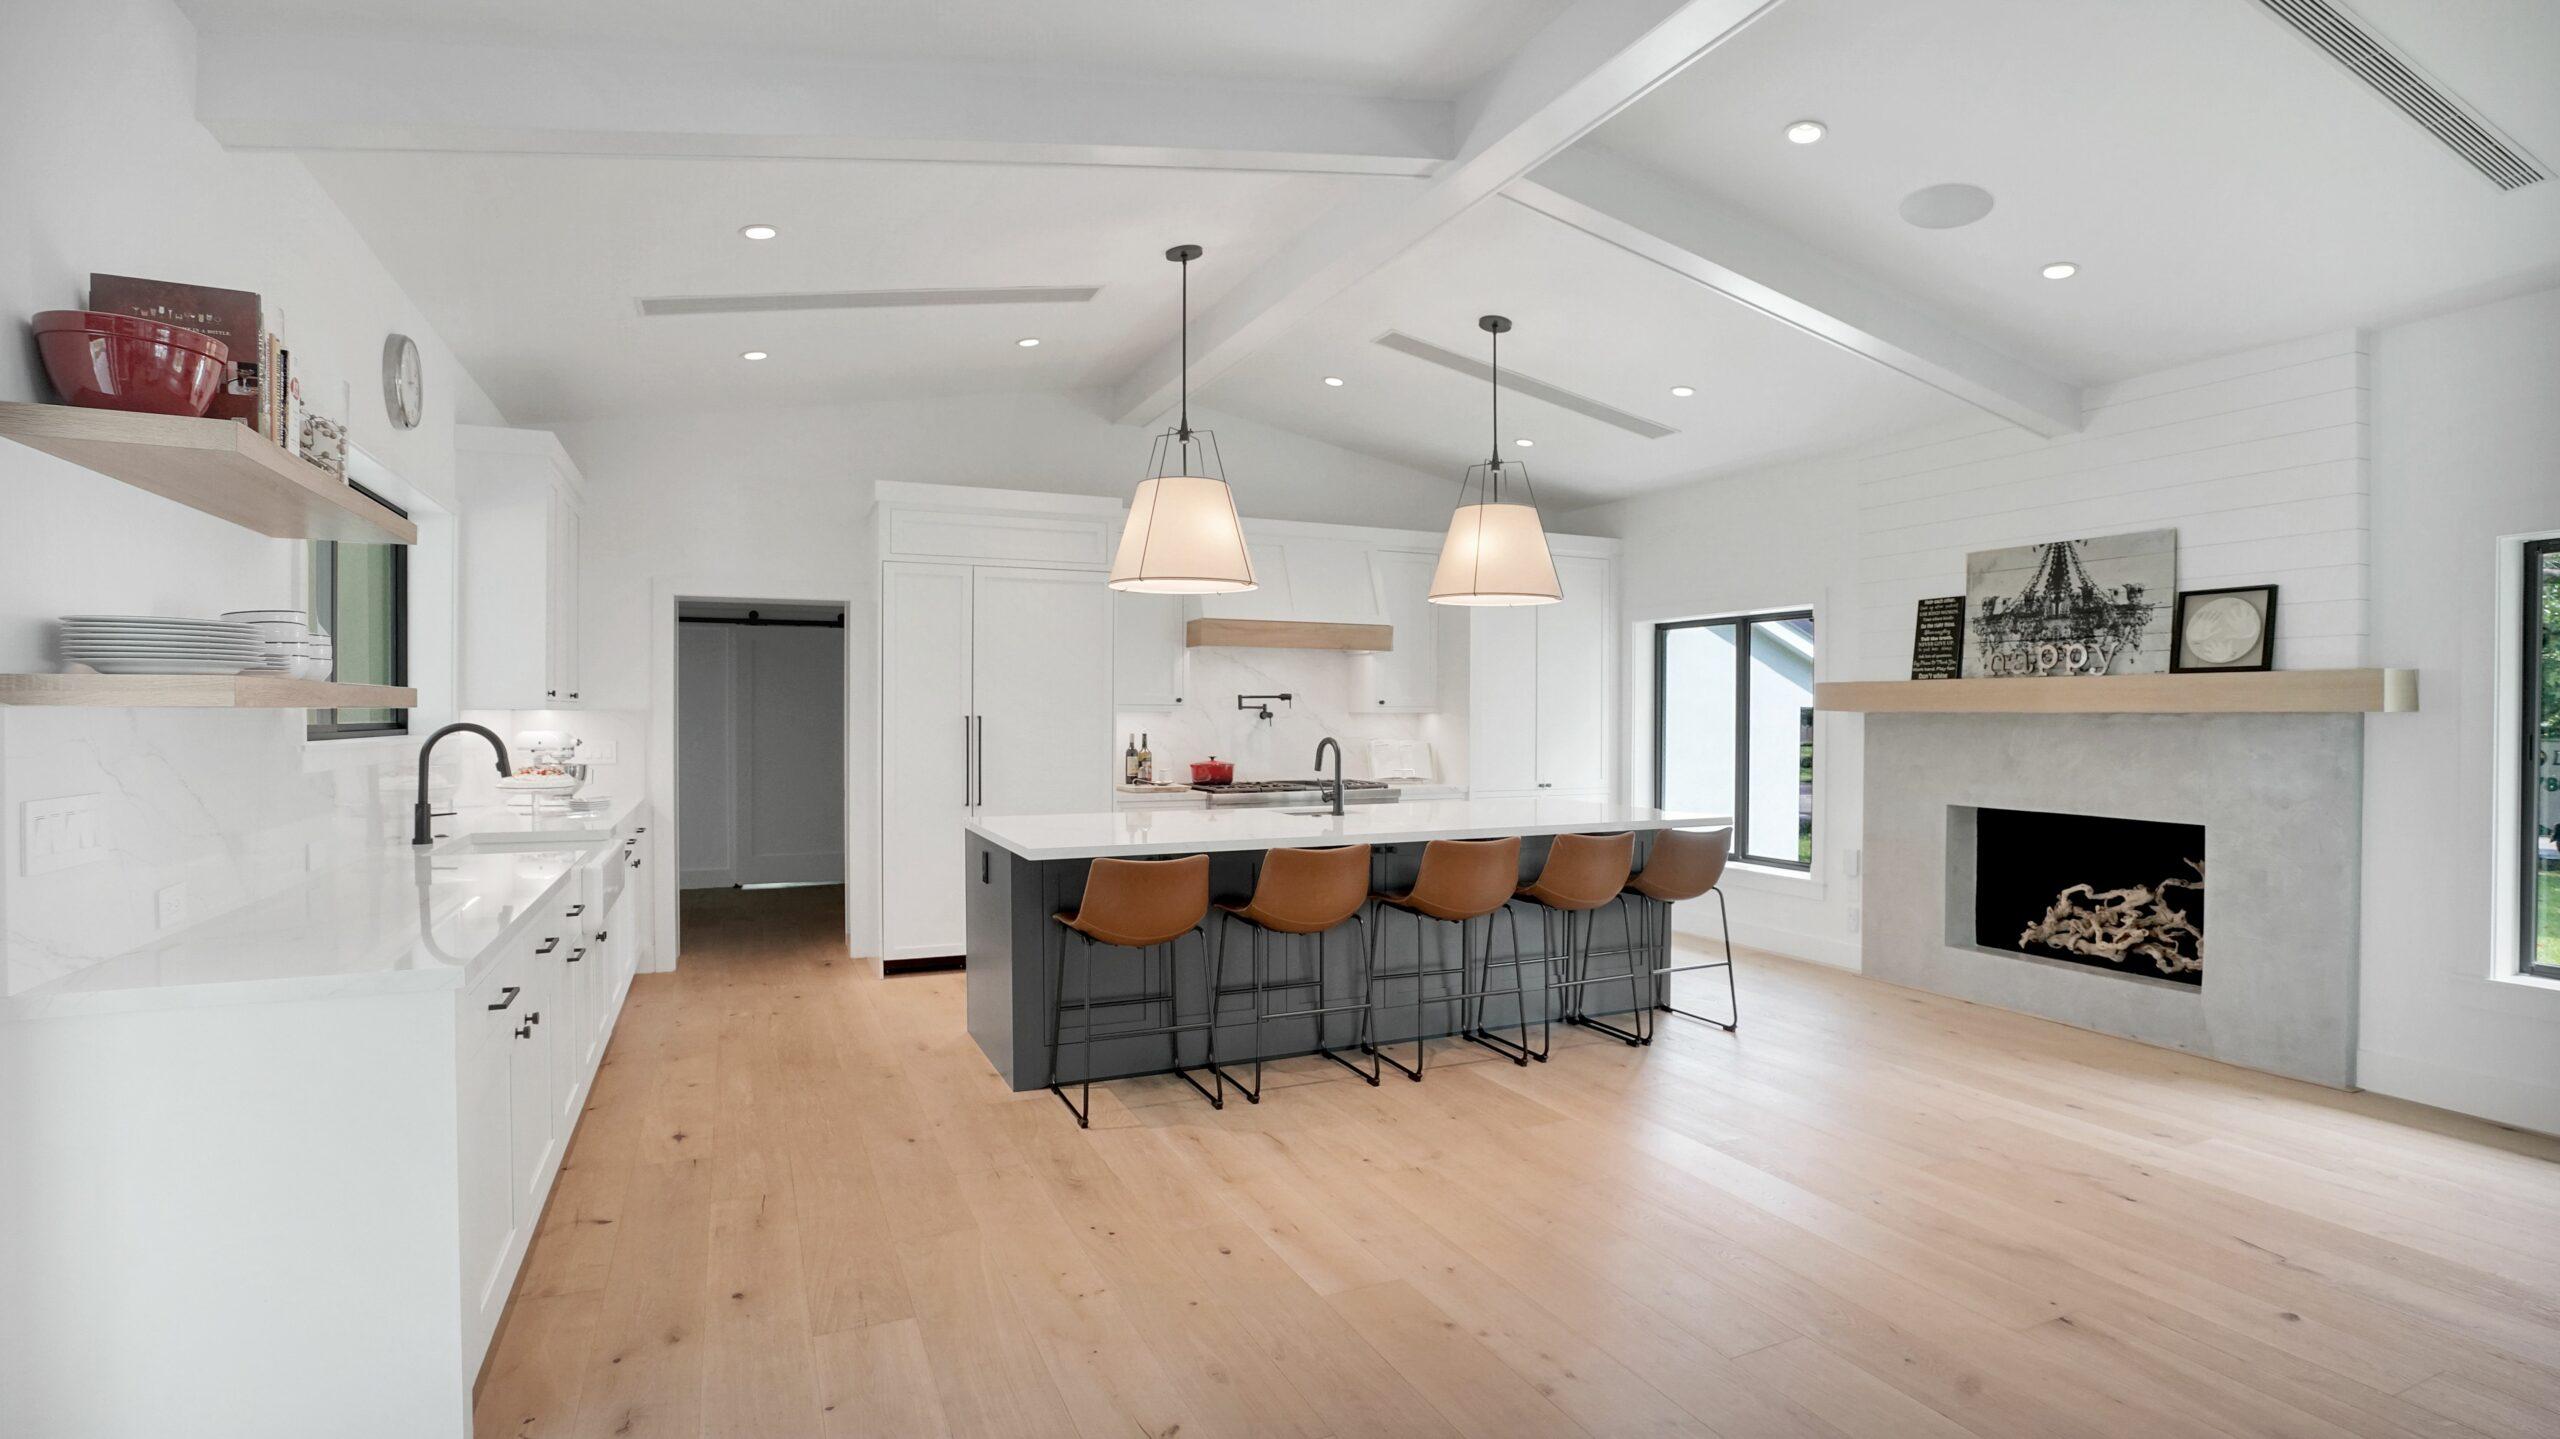 Kitchen Remodeling in Miami Beach, Miami, South Miami, Key Largo, Coral Gables and Palmetto Bay